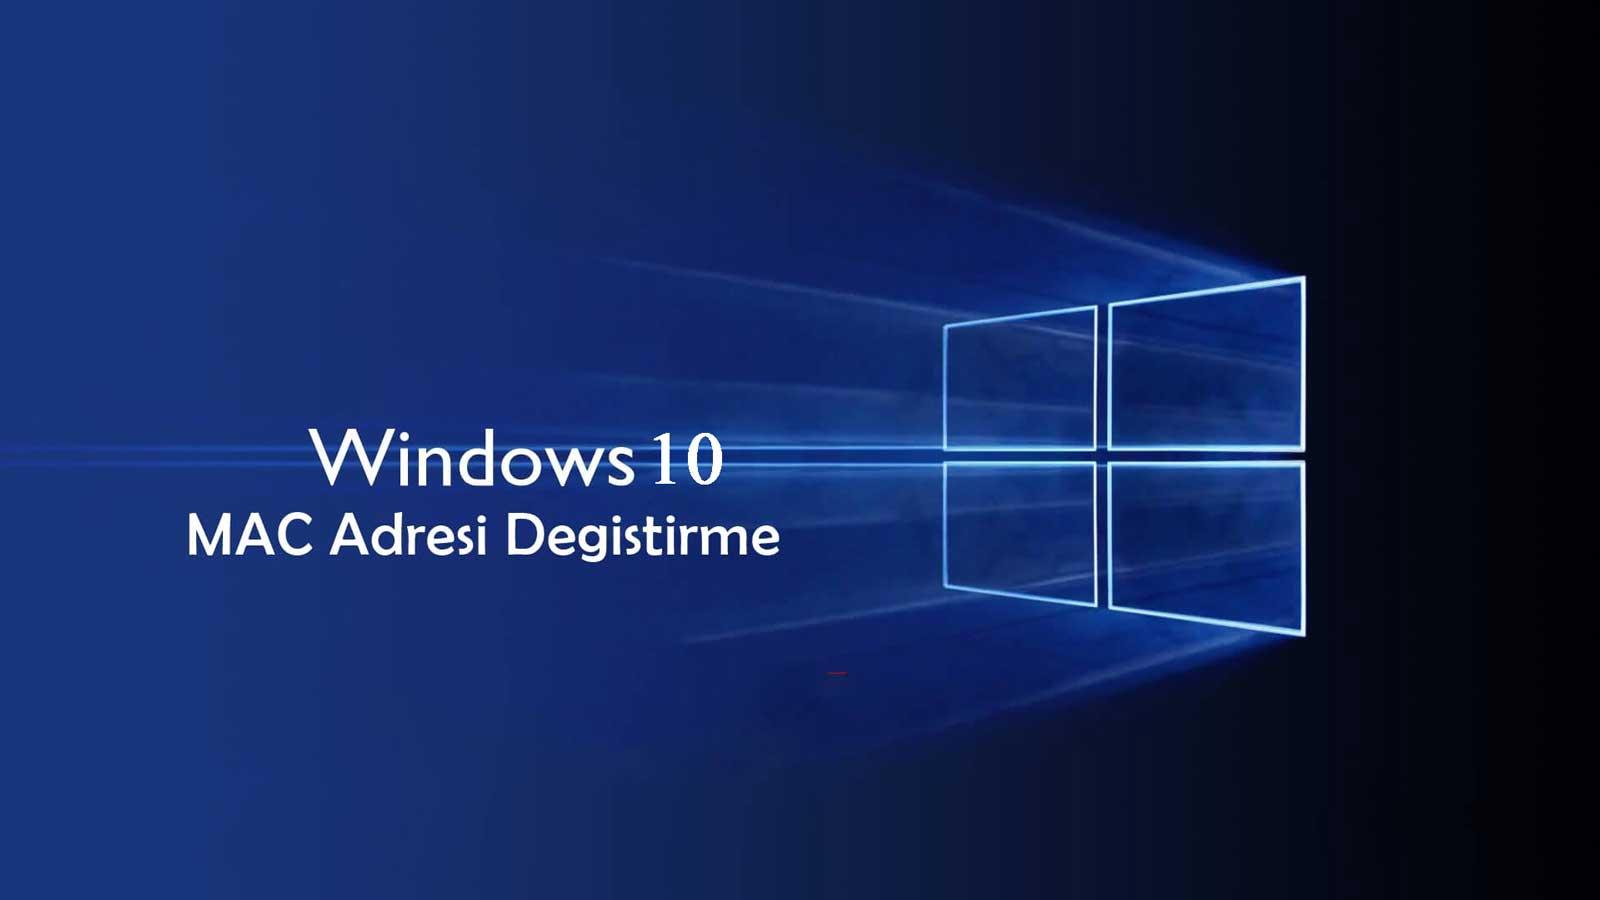 Windows 10 Mac Adresi Değiştirme MAC Adresi Windows 10 MAC Adresi Değiştirilmiyor Problemine Son mac adresi degismiyor